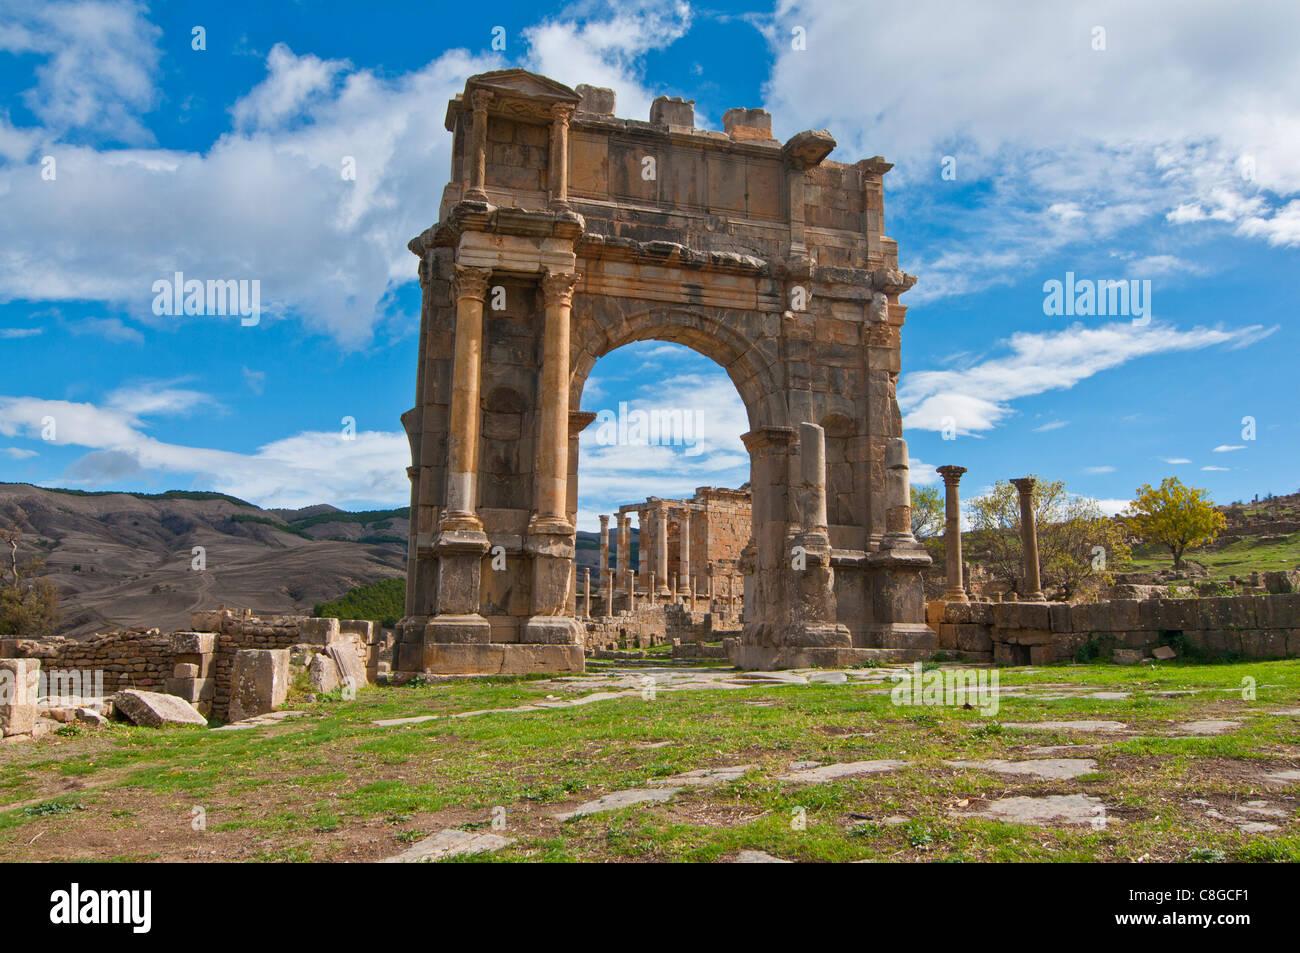 El arco de Caracalla en las ruinas romanas de Djemila, Sitio del Patrimonio Mundial de la UNESCO, Argelia, Norte Imagen De Stock